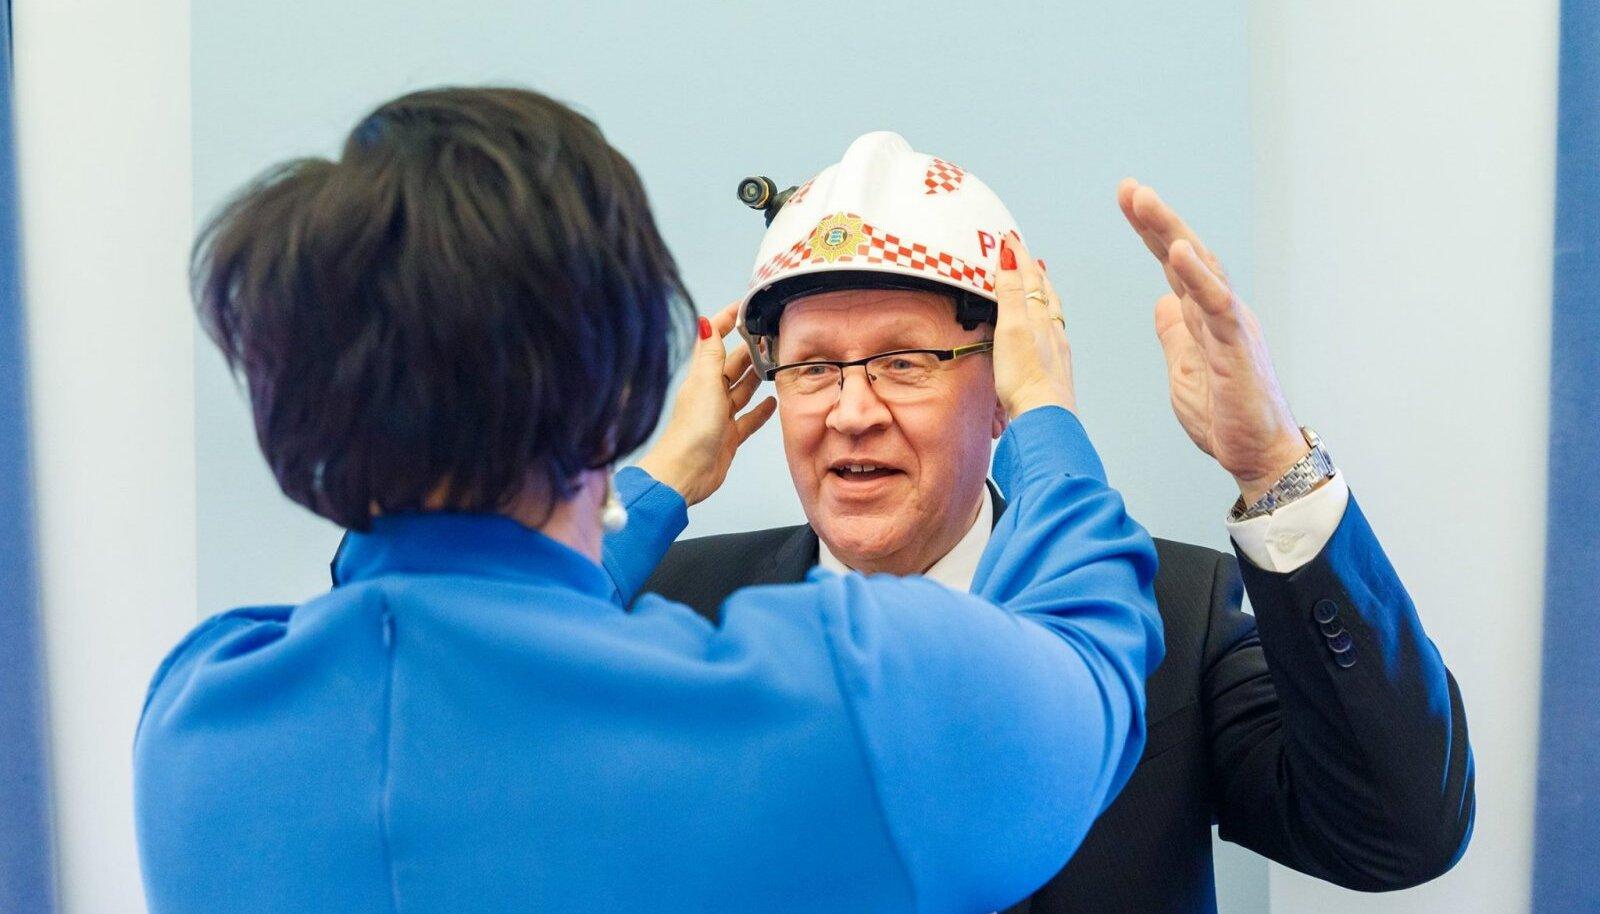 Esmaspäeval andis Katri Raik ministriameti Mart Helmele üle. Traditsiooniliselt kingiti uuele ministrile päästeameti kiiver.